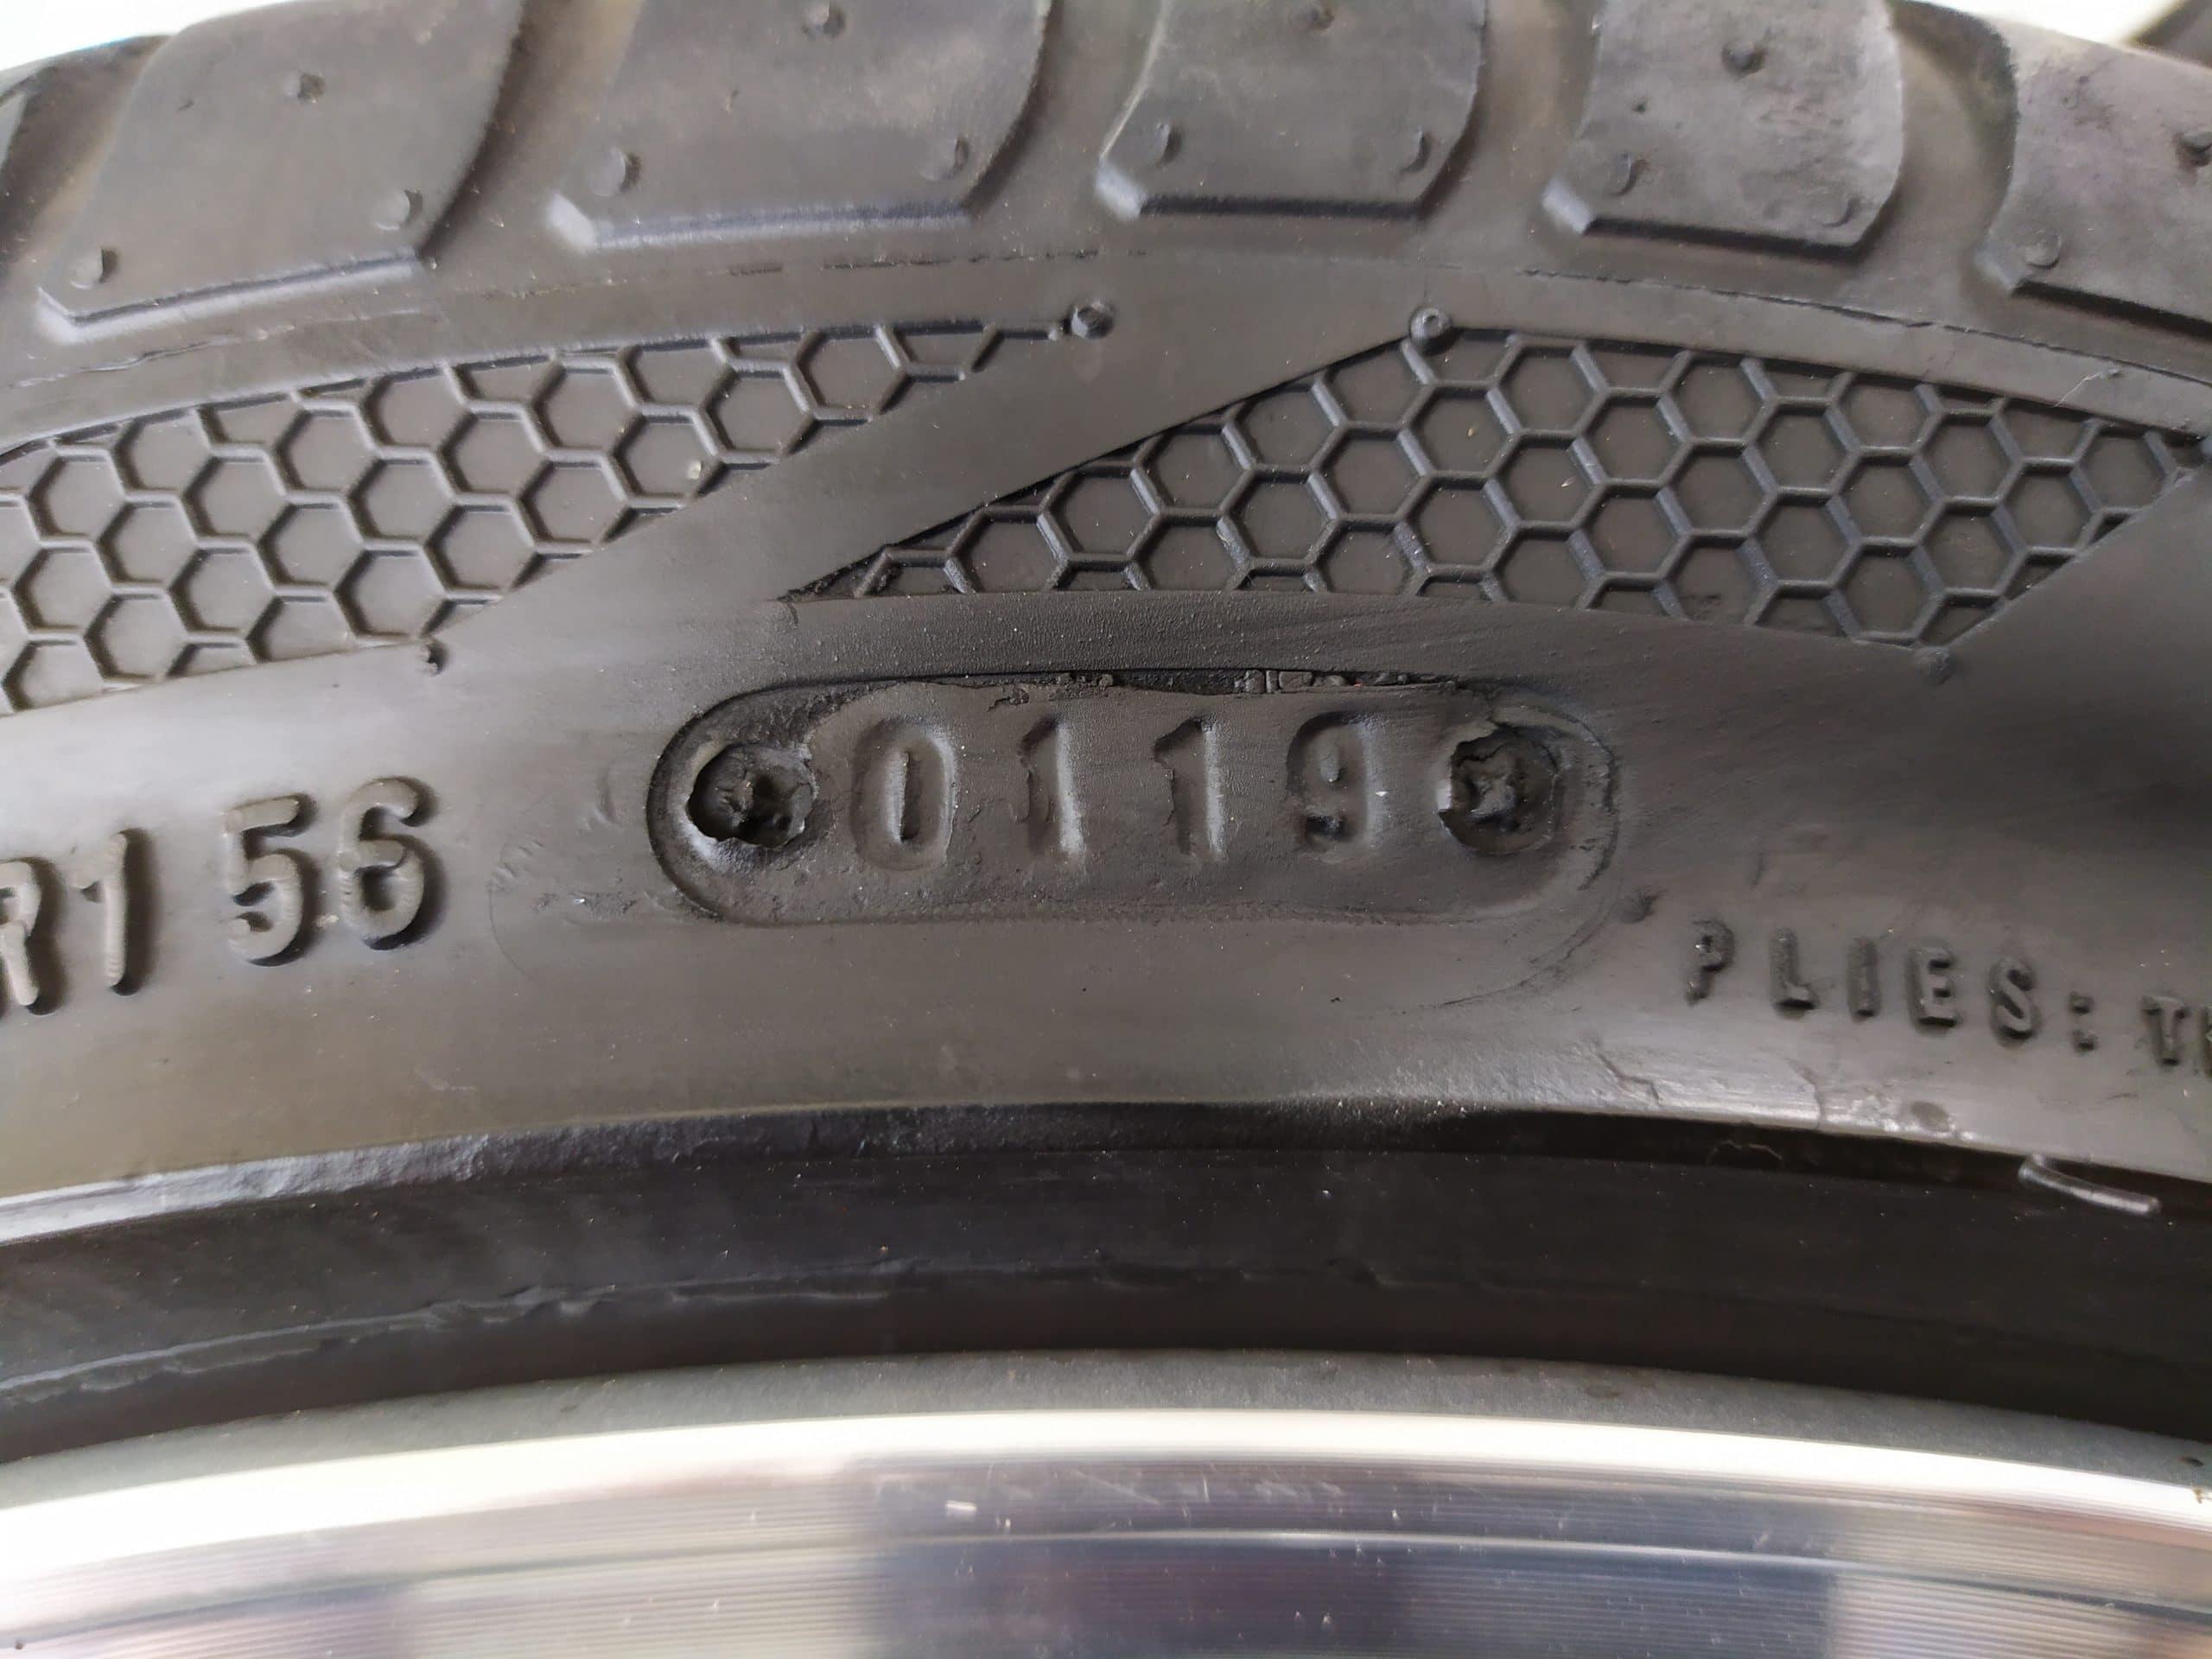 VELG BEKAS HSR TYPE BURN RING 15 + BAN ACCELERA PHI-R 195/45/R15